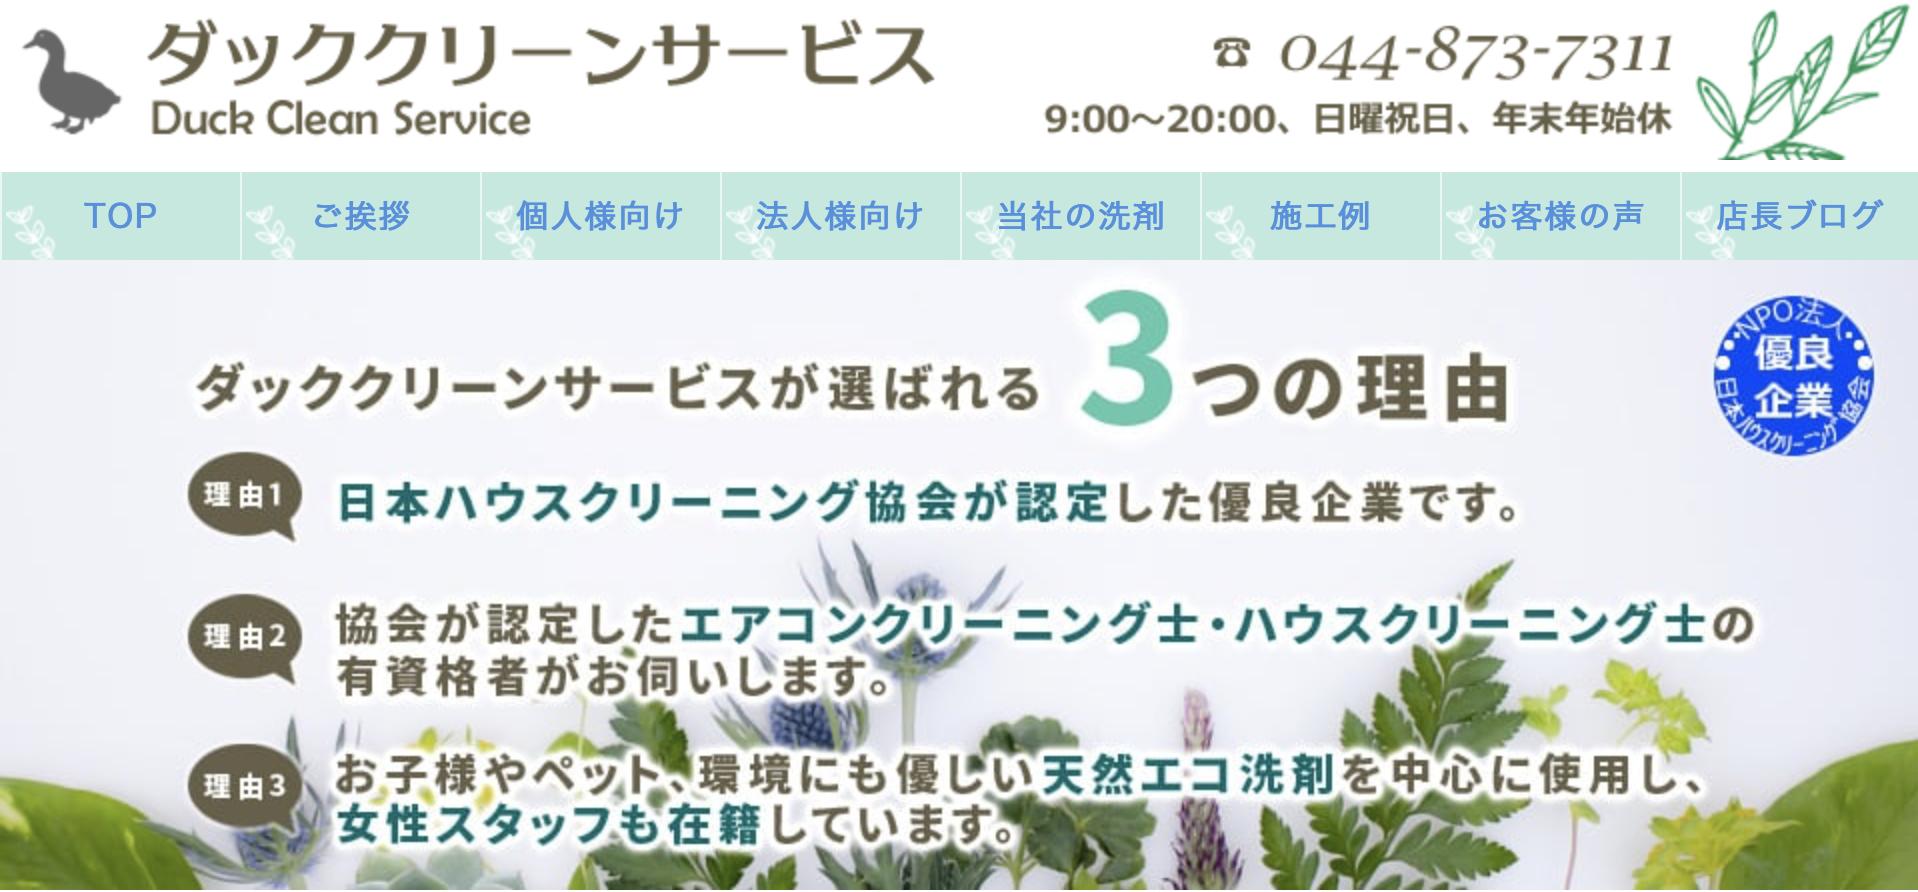 神奈川県のエアコン掃除業者ならダッククリーンサービス